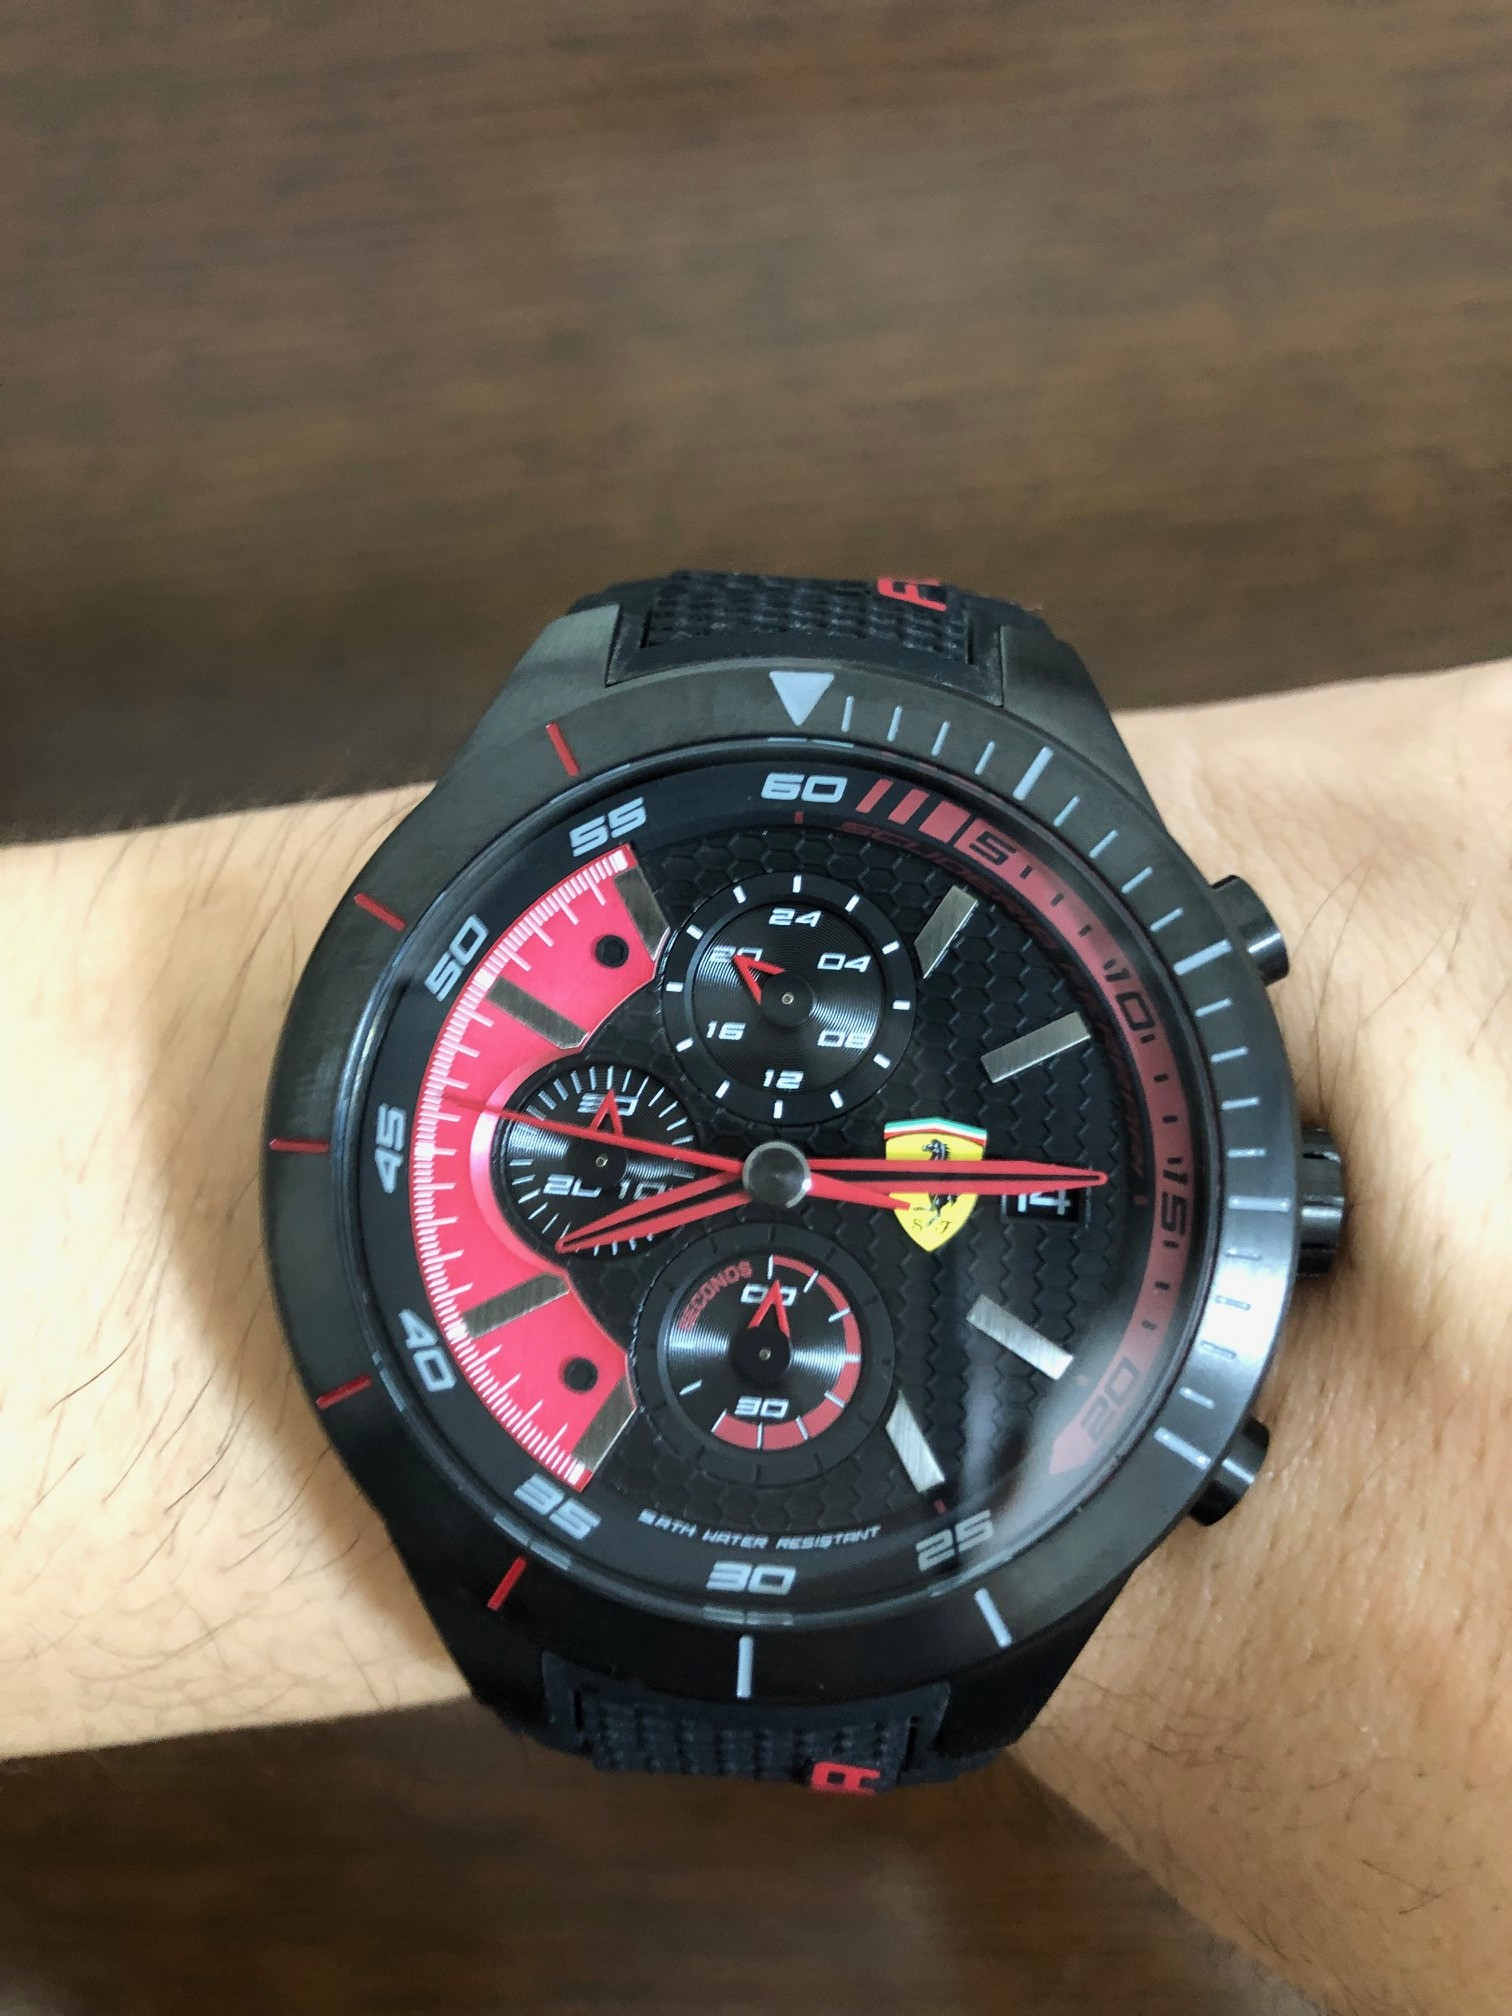 フェラーリの腕時計、スクーデリア・フェラーリ(SCUDERIA FERRARI) ~洗練されたかっこいいデザイン&リーズナブルな価格、仕事、プライベート、旅のオシャレに最適~